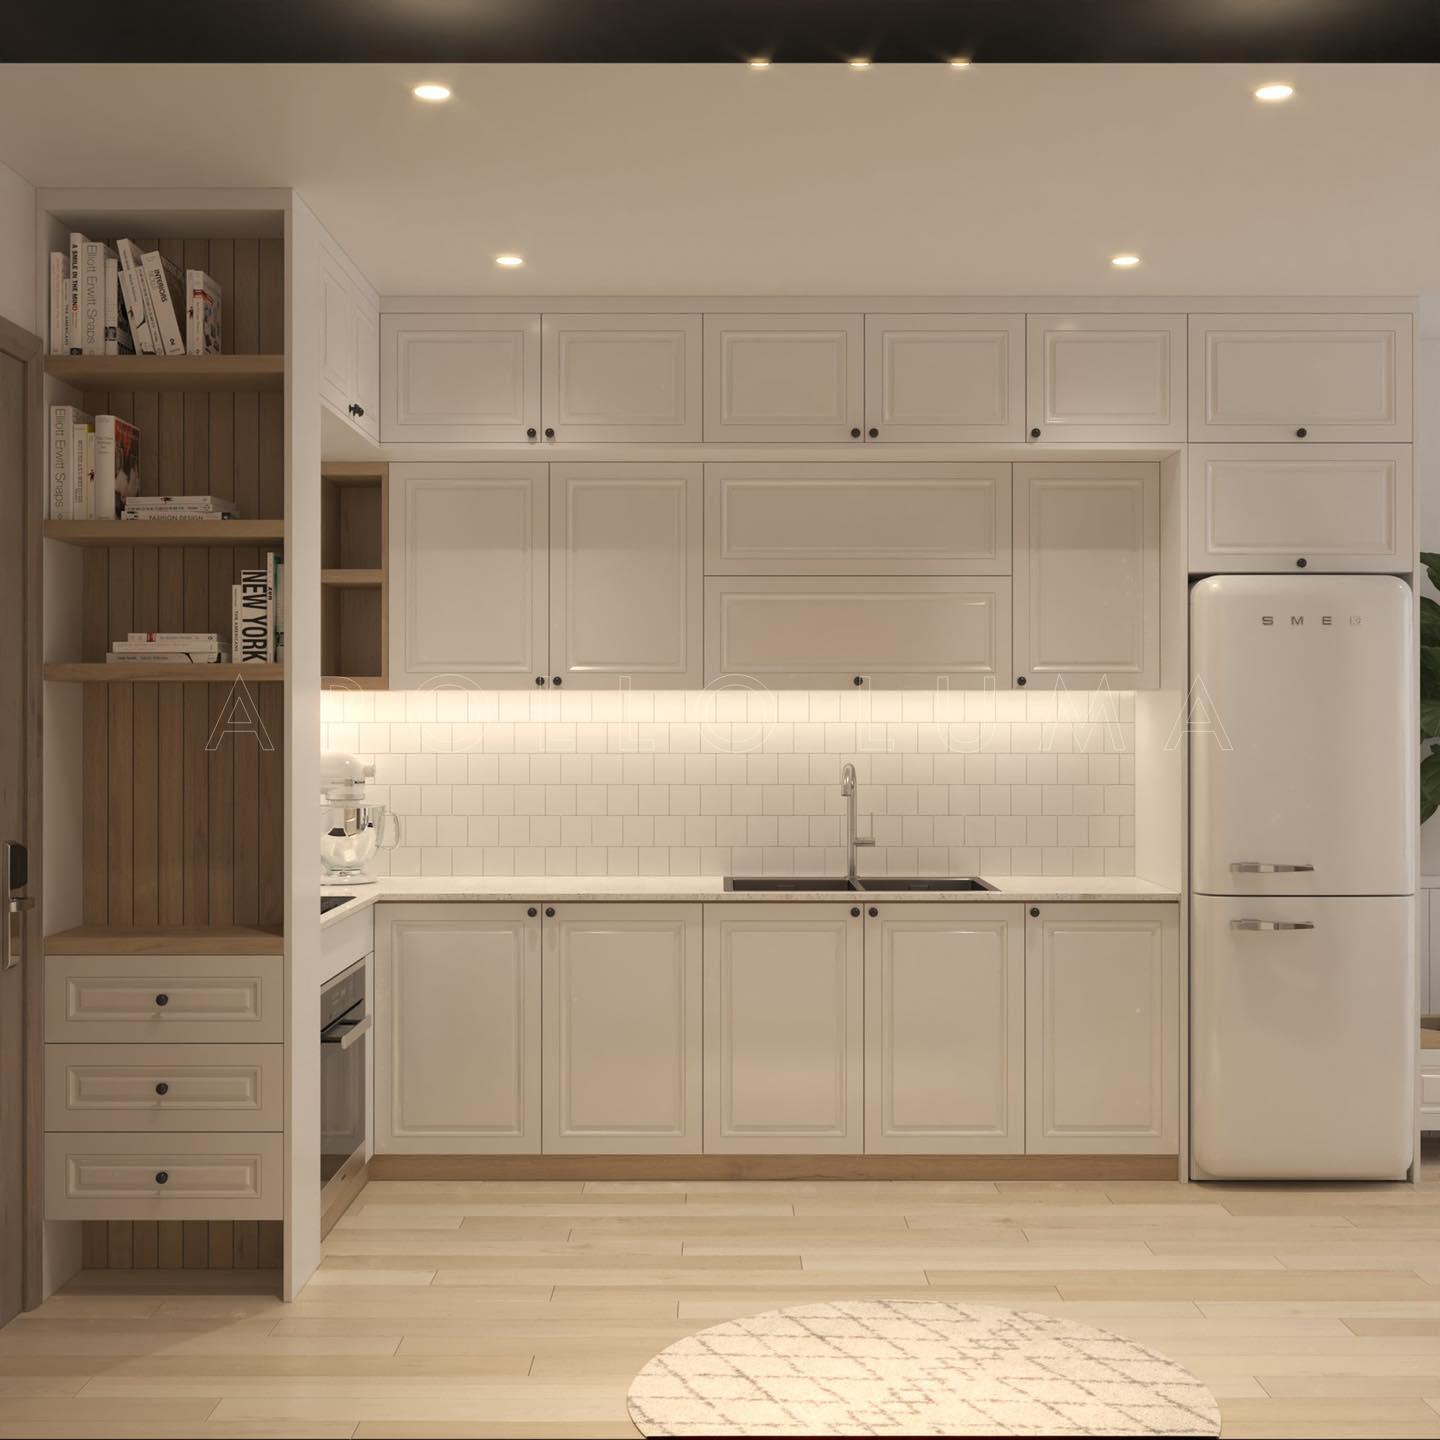 Thiết kế nội thất căn hộ 55m2 S4.02 Vinhomes Smart City Tây Mỗ